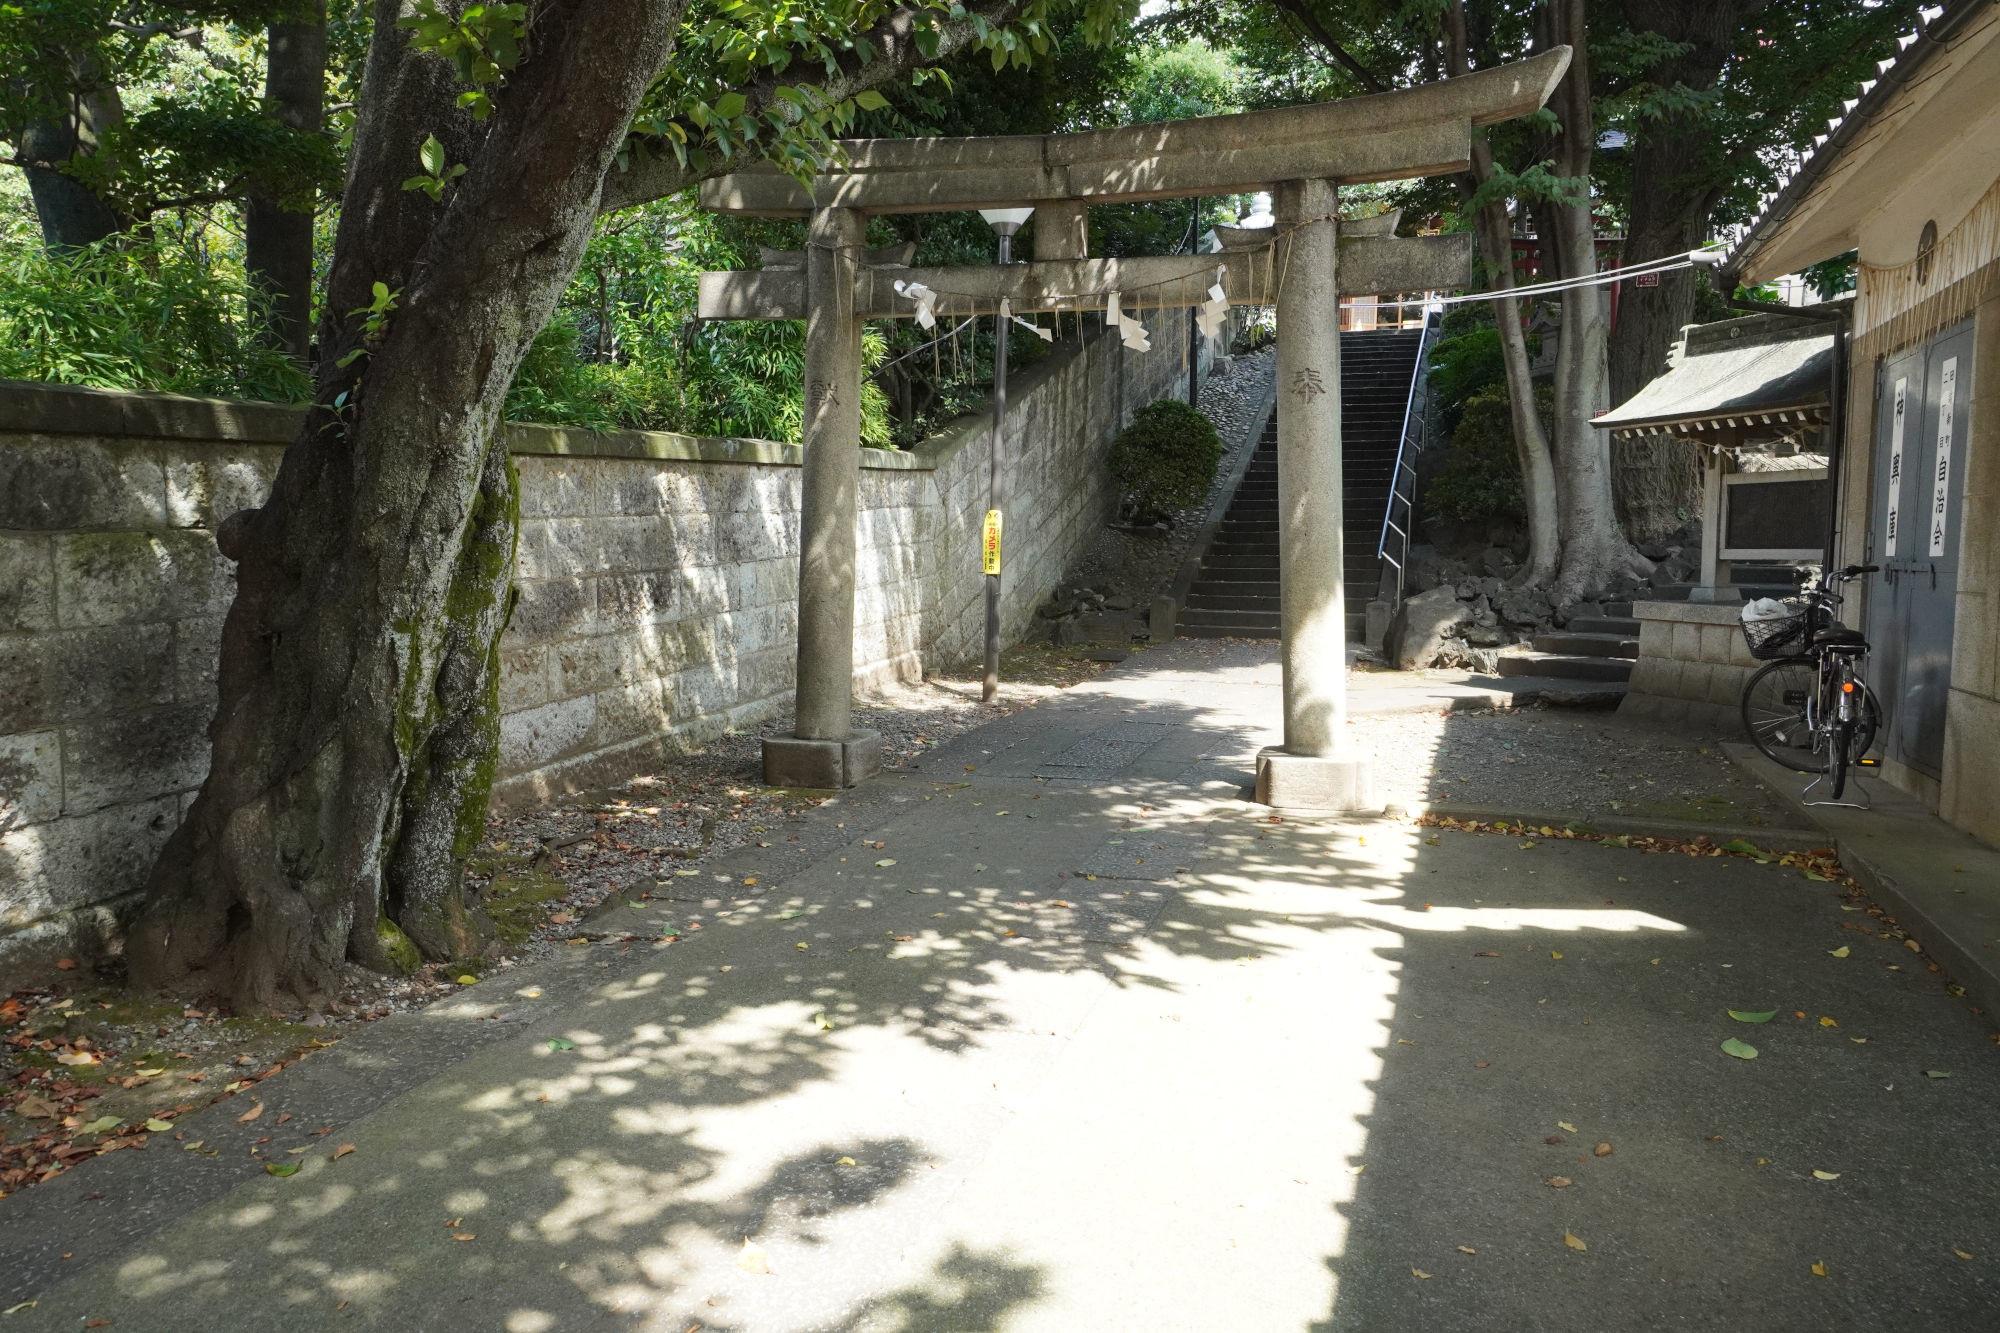 田端八幡神社の鳥居2つ目